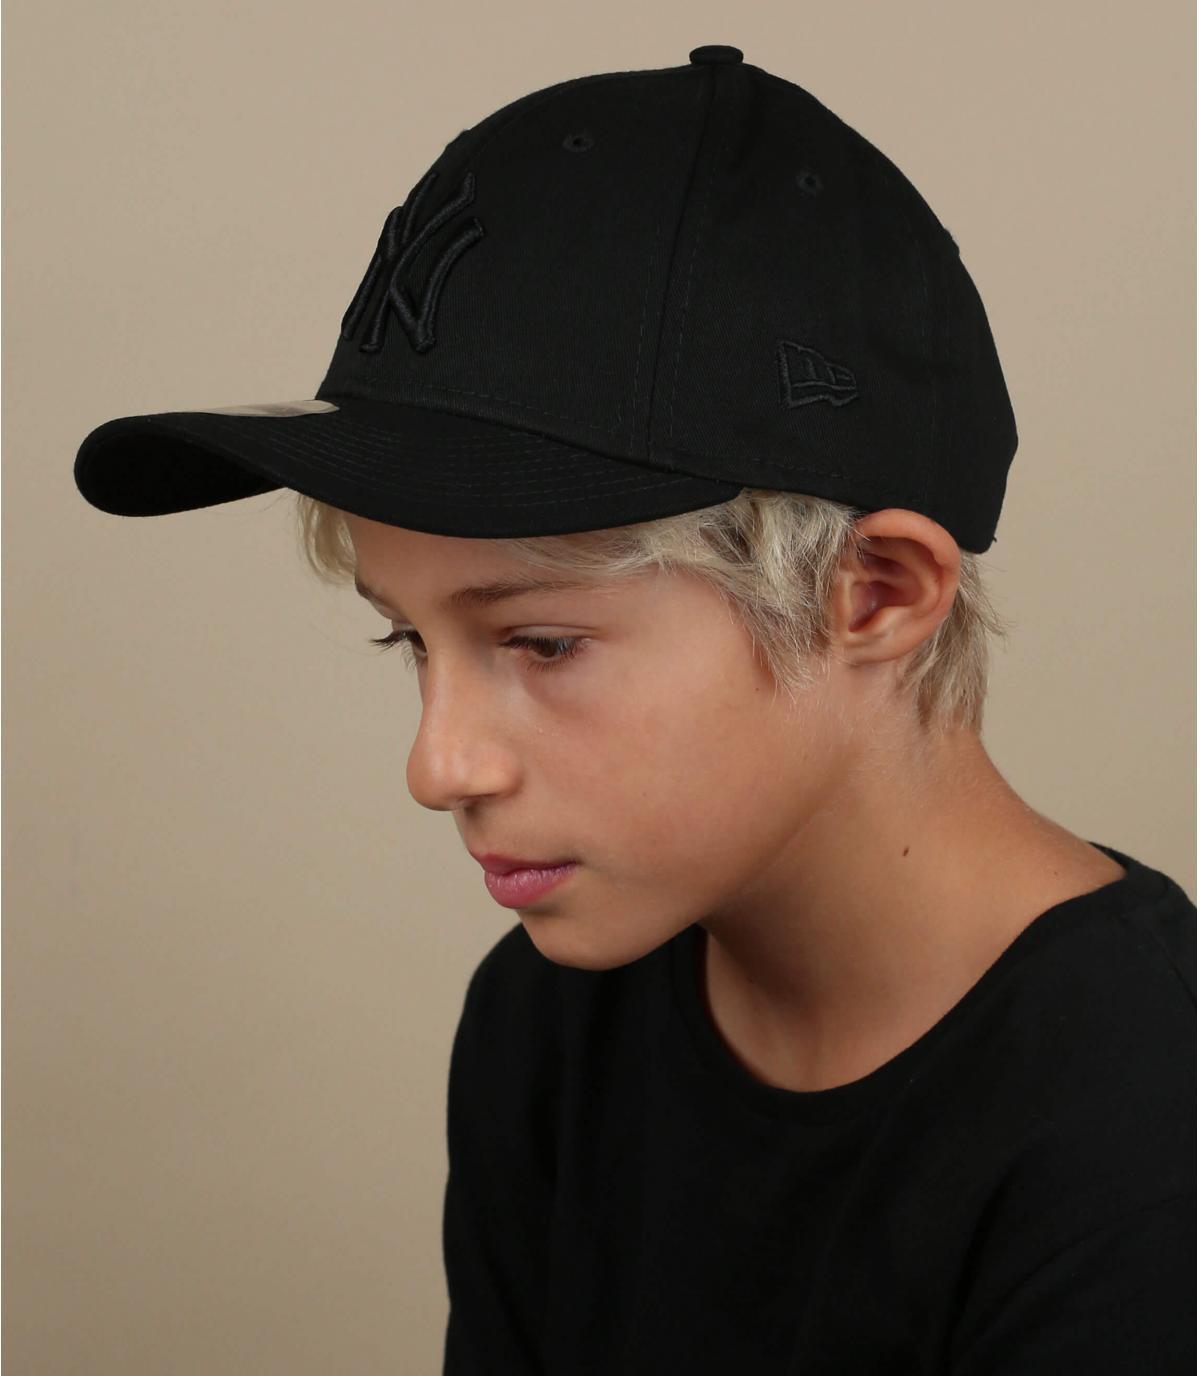 zwarte kind NY cap